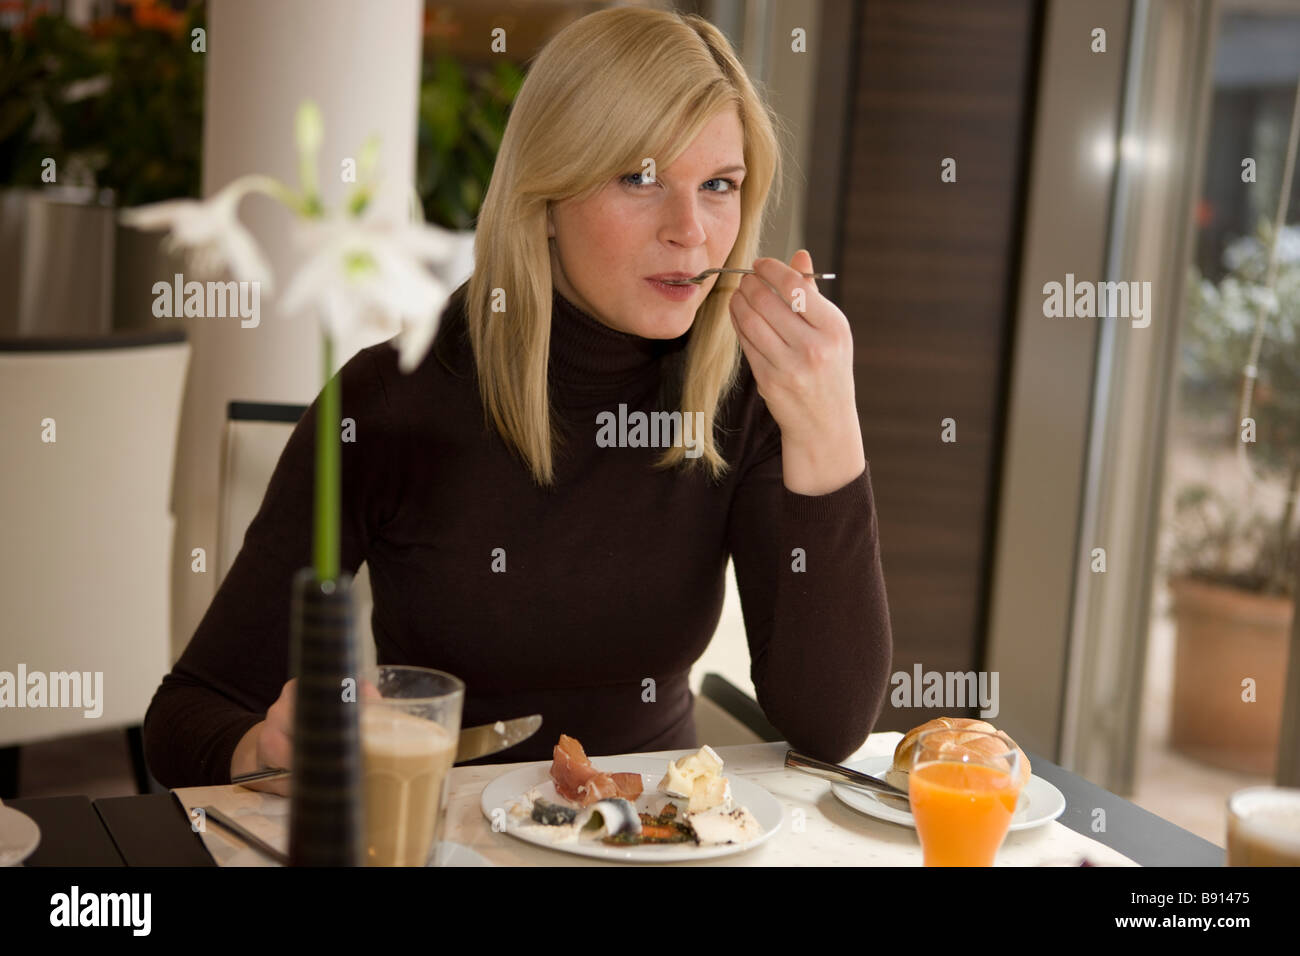 Frau Im Hotel Beim Fruehstuecken Mit Gabel Im Mund, Gedeckter Tisch Im Vordergrund Mit Kaffee, Saft. Stockbild